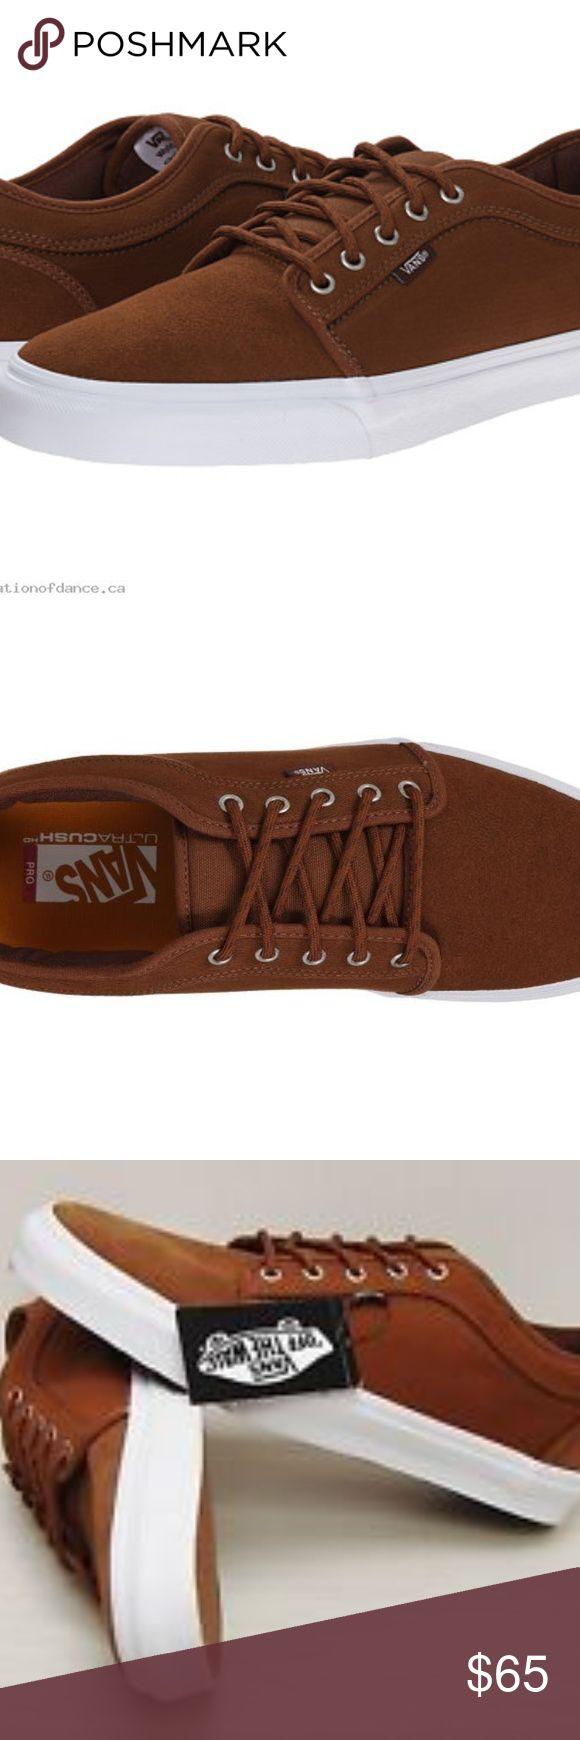 Vans Chukka Low Herringbone Twill Tobacco 10.5 Vans Chukka Low Herringbone Twill Tobacco Mens 10.5 Vans Shoes Sneakers